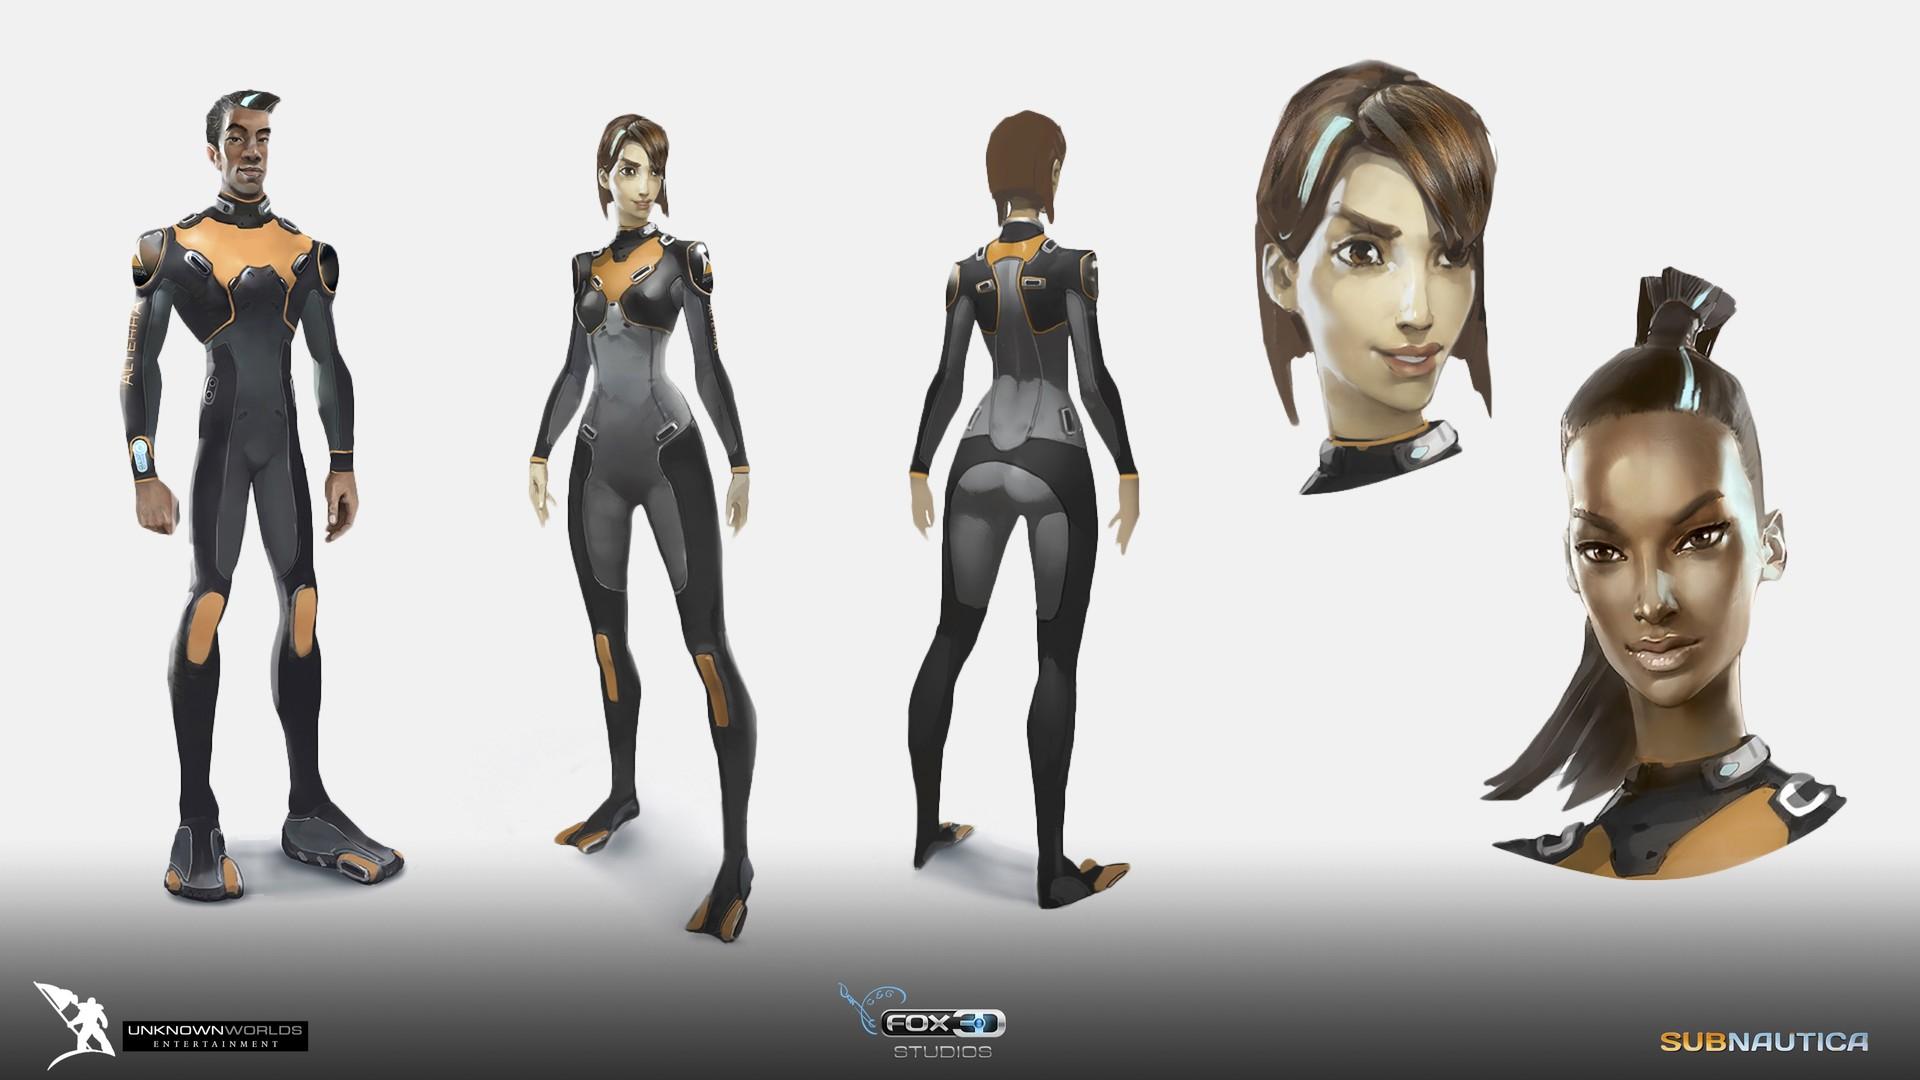 ArtStation - Subnautica  Concept Art , FOX3D ENTERTAINMENT